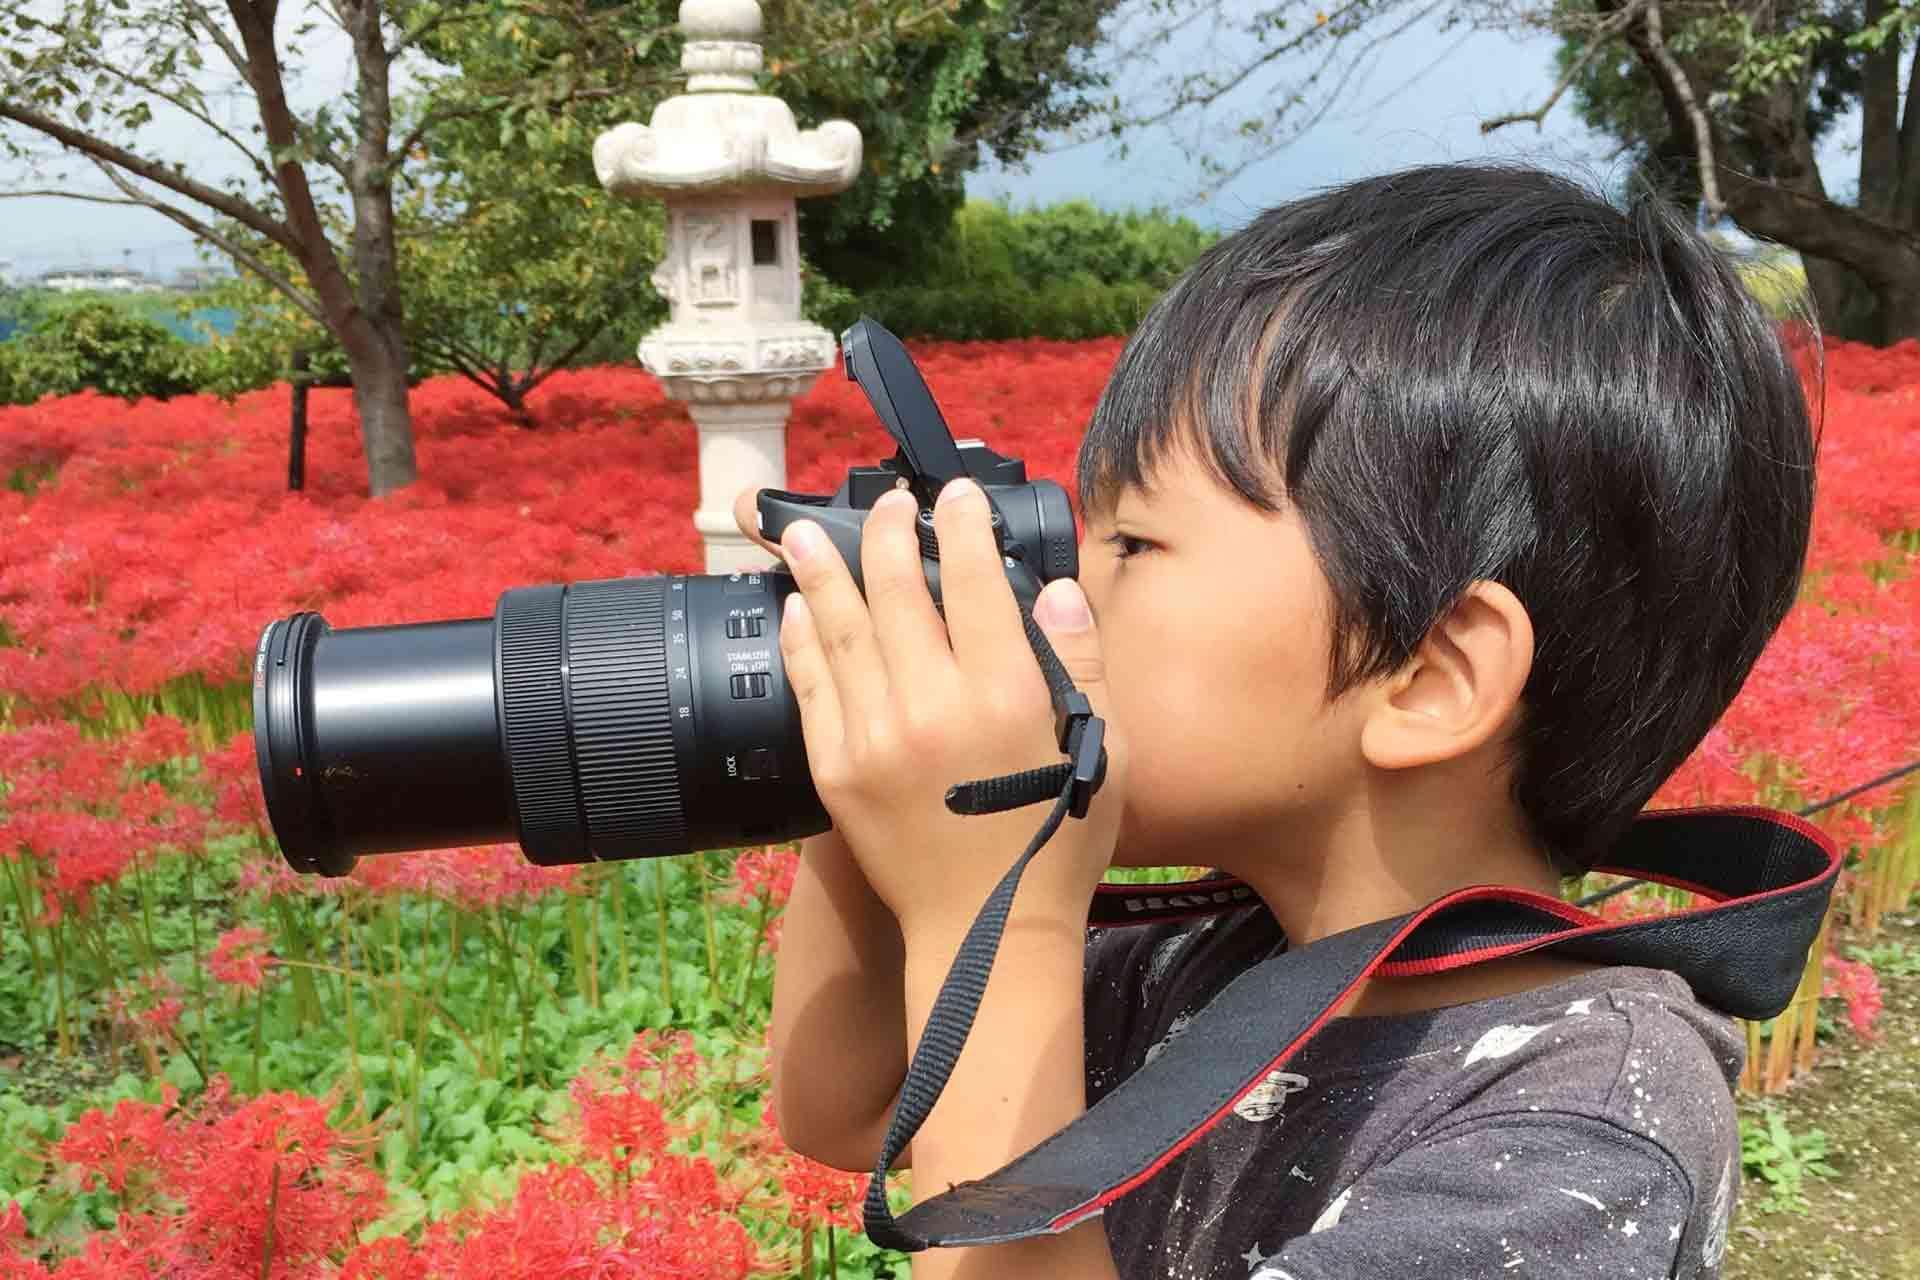 子どもが写真を撮っている場面